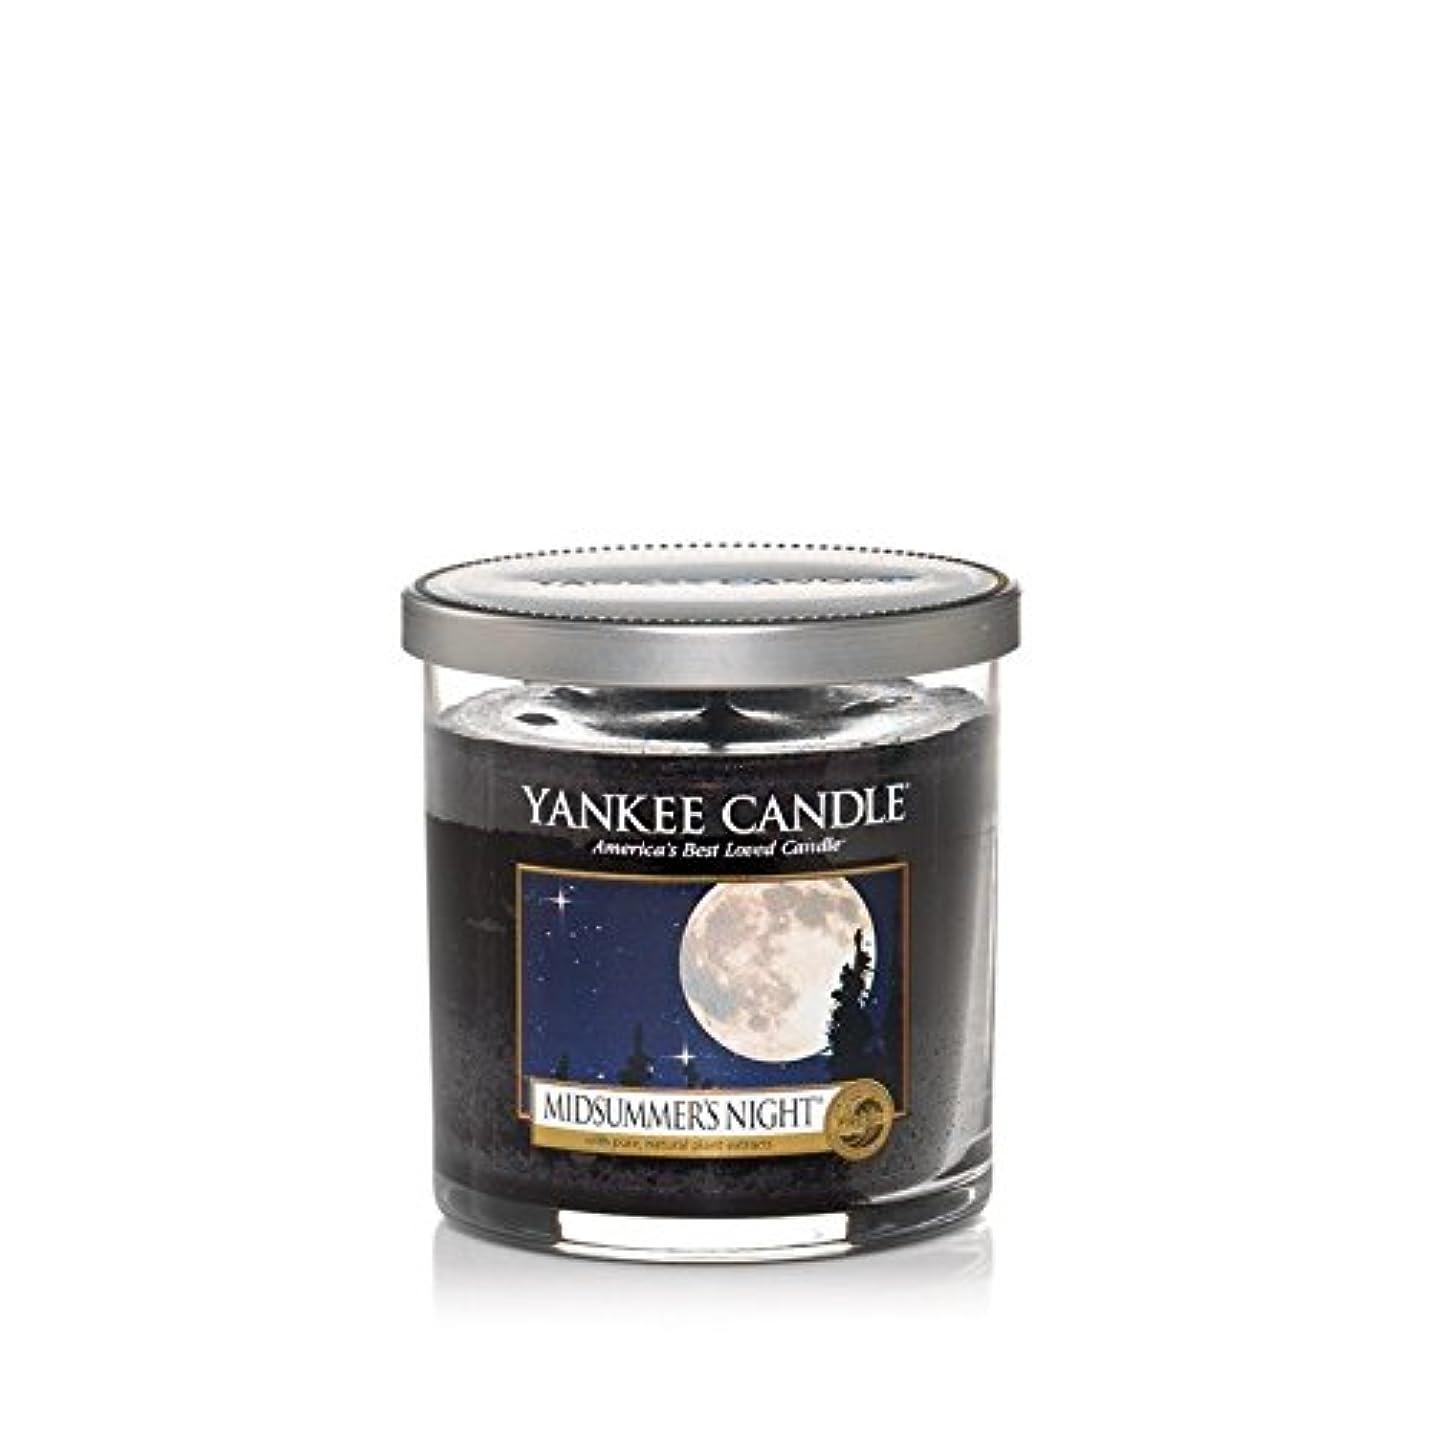 医薬品疑い物足りないYankee Candles Small Pillar Candle - Midsummers Night (Pack of 6) - ヤンキーキャンドルの小さな柱キャンドル - Midsummers夜 (x6) [並行輸入品]